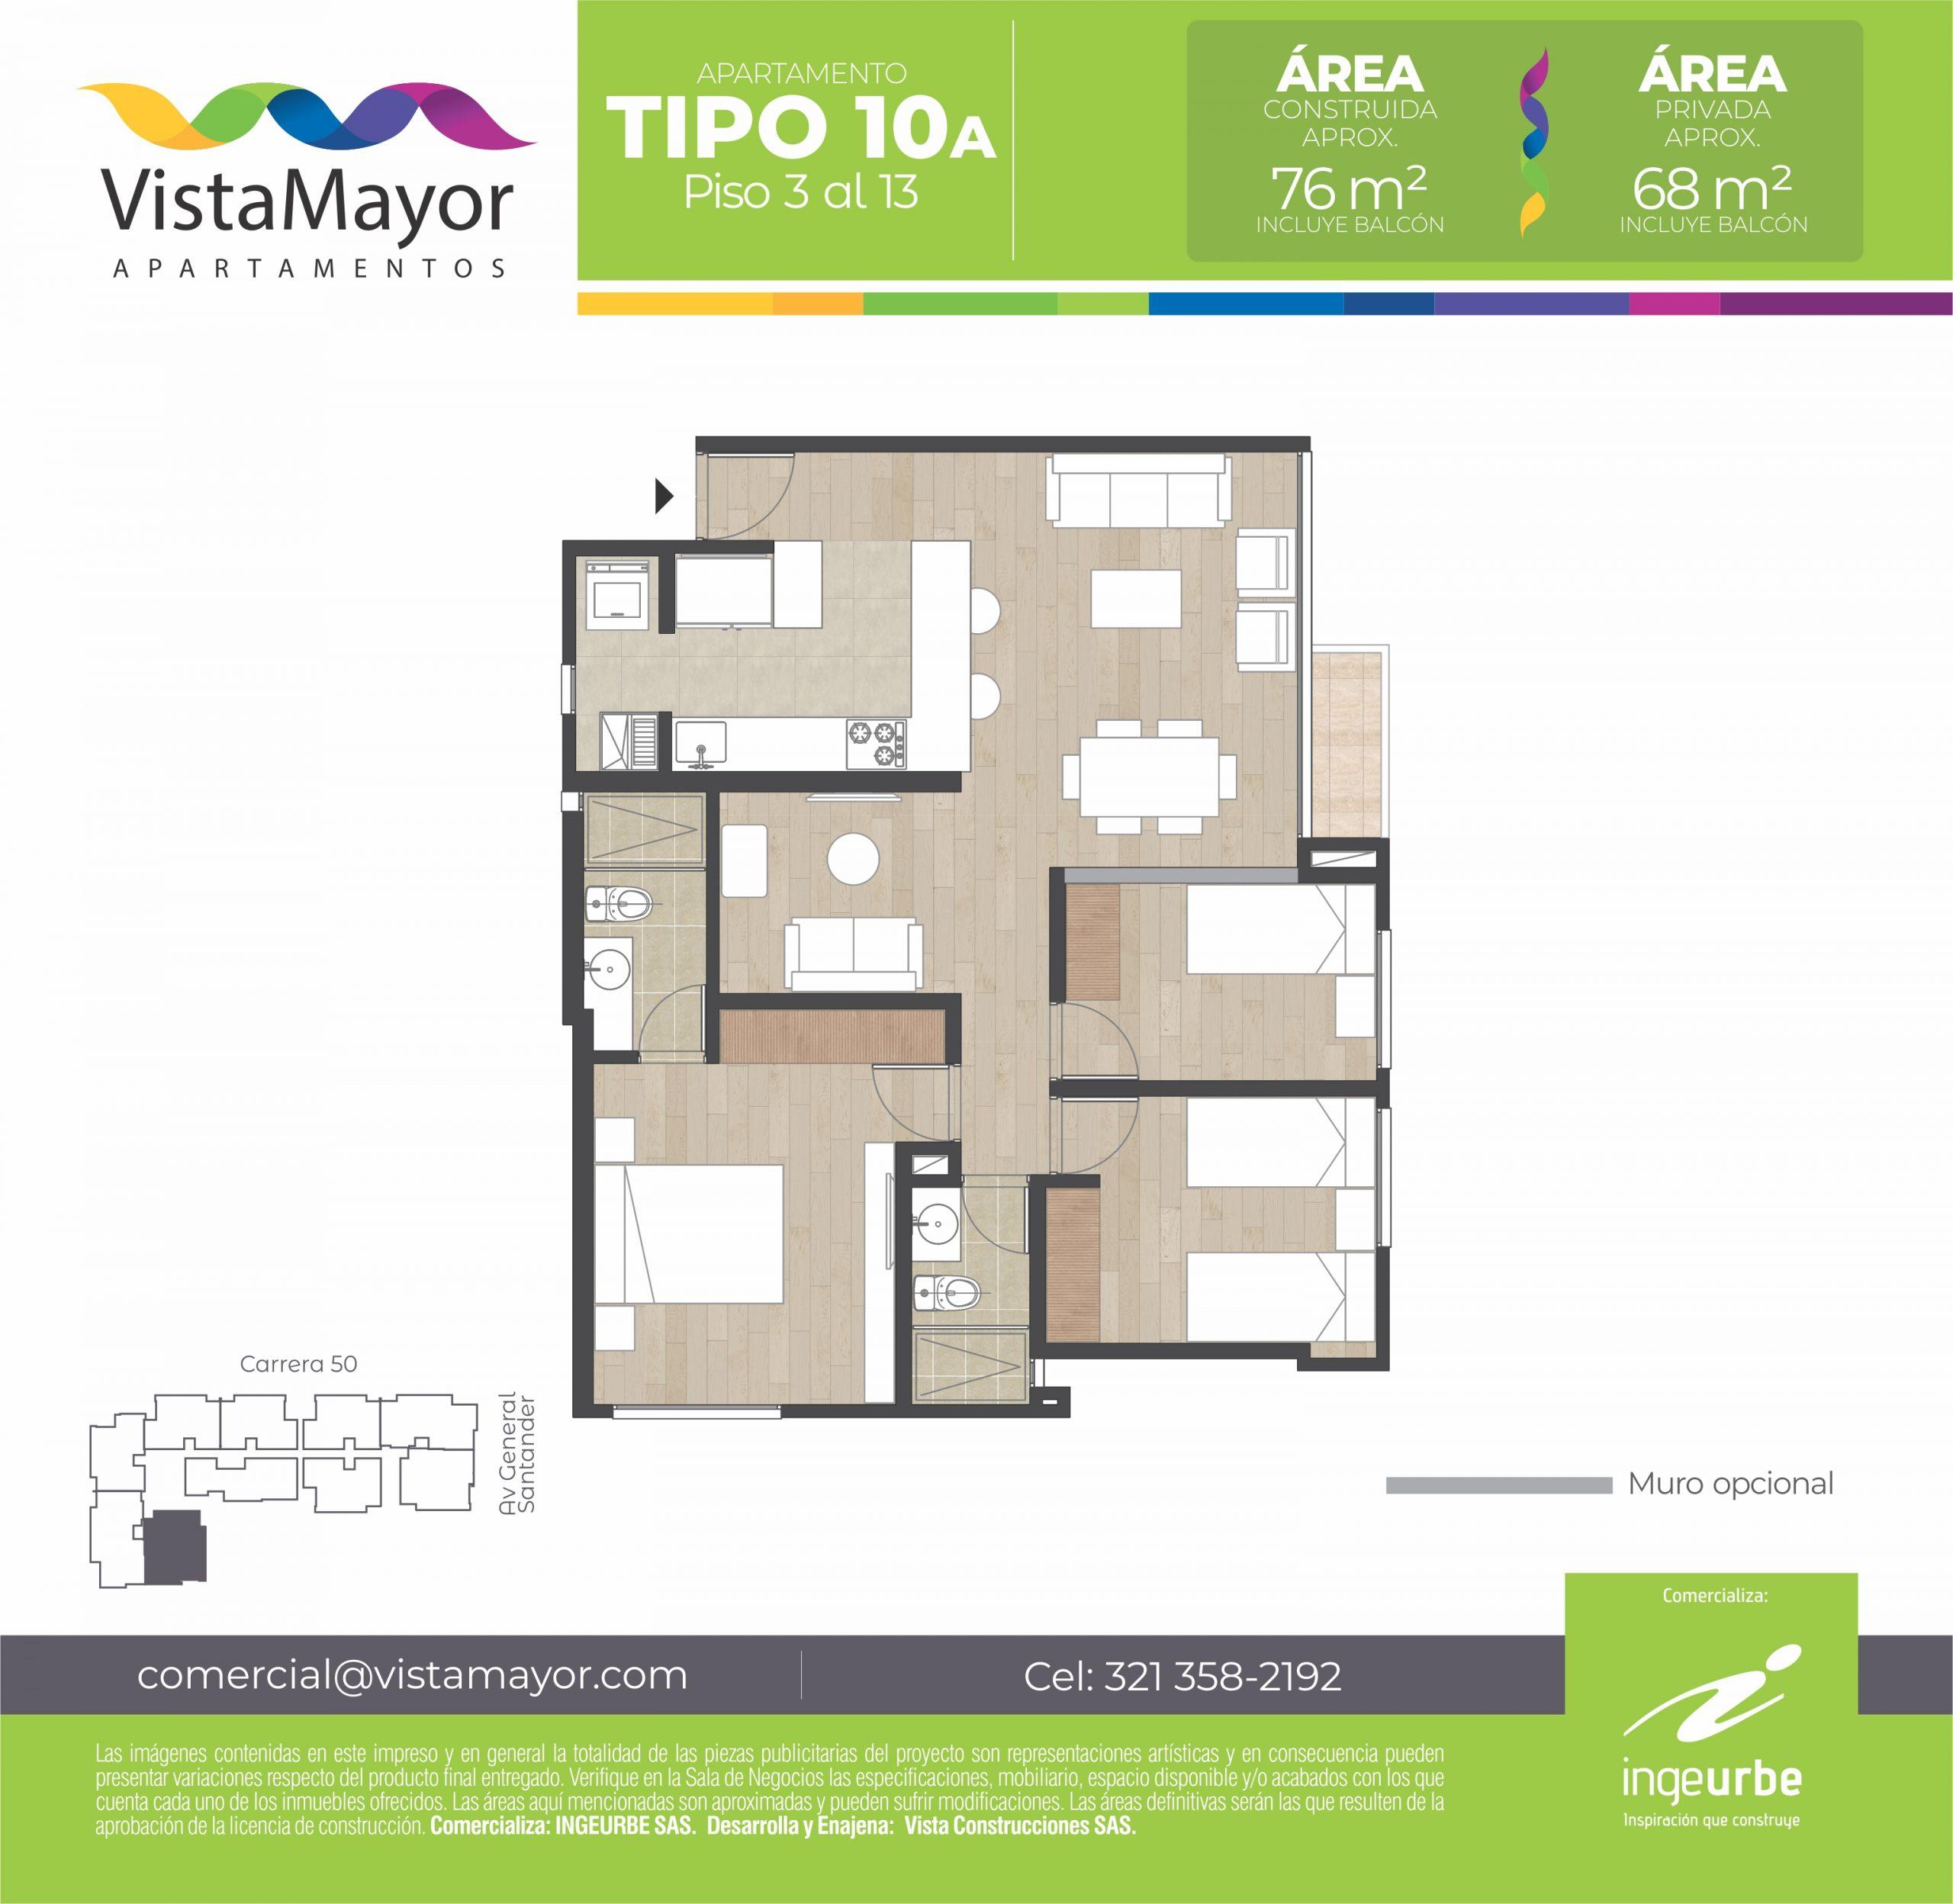 VM_TIPO 10A